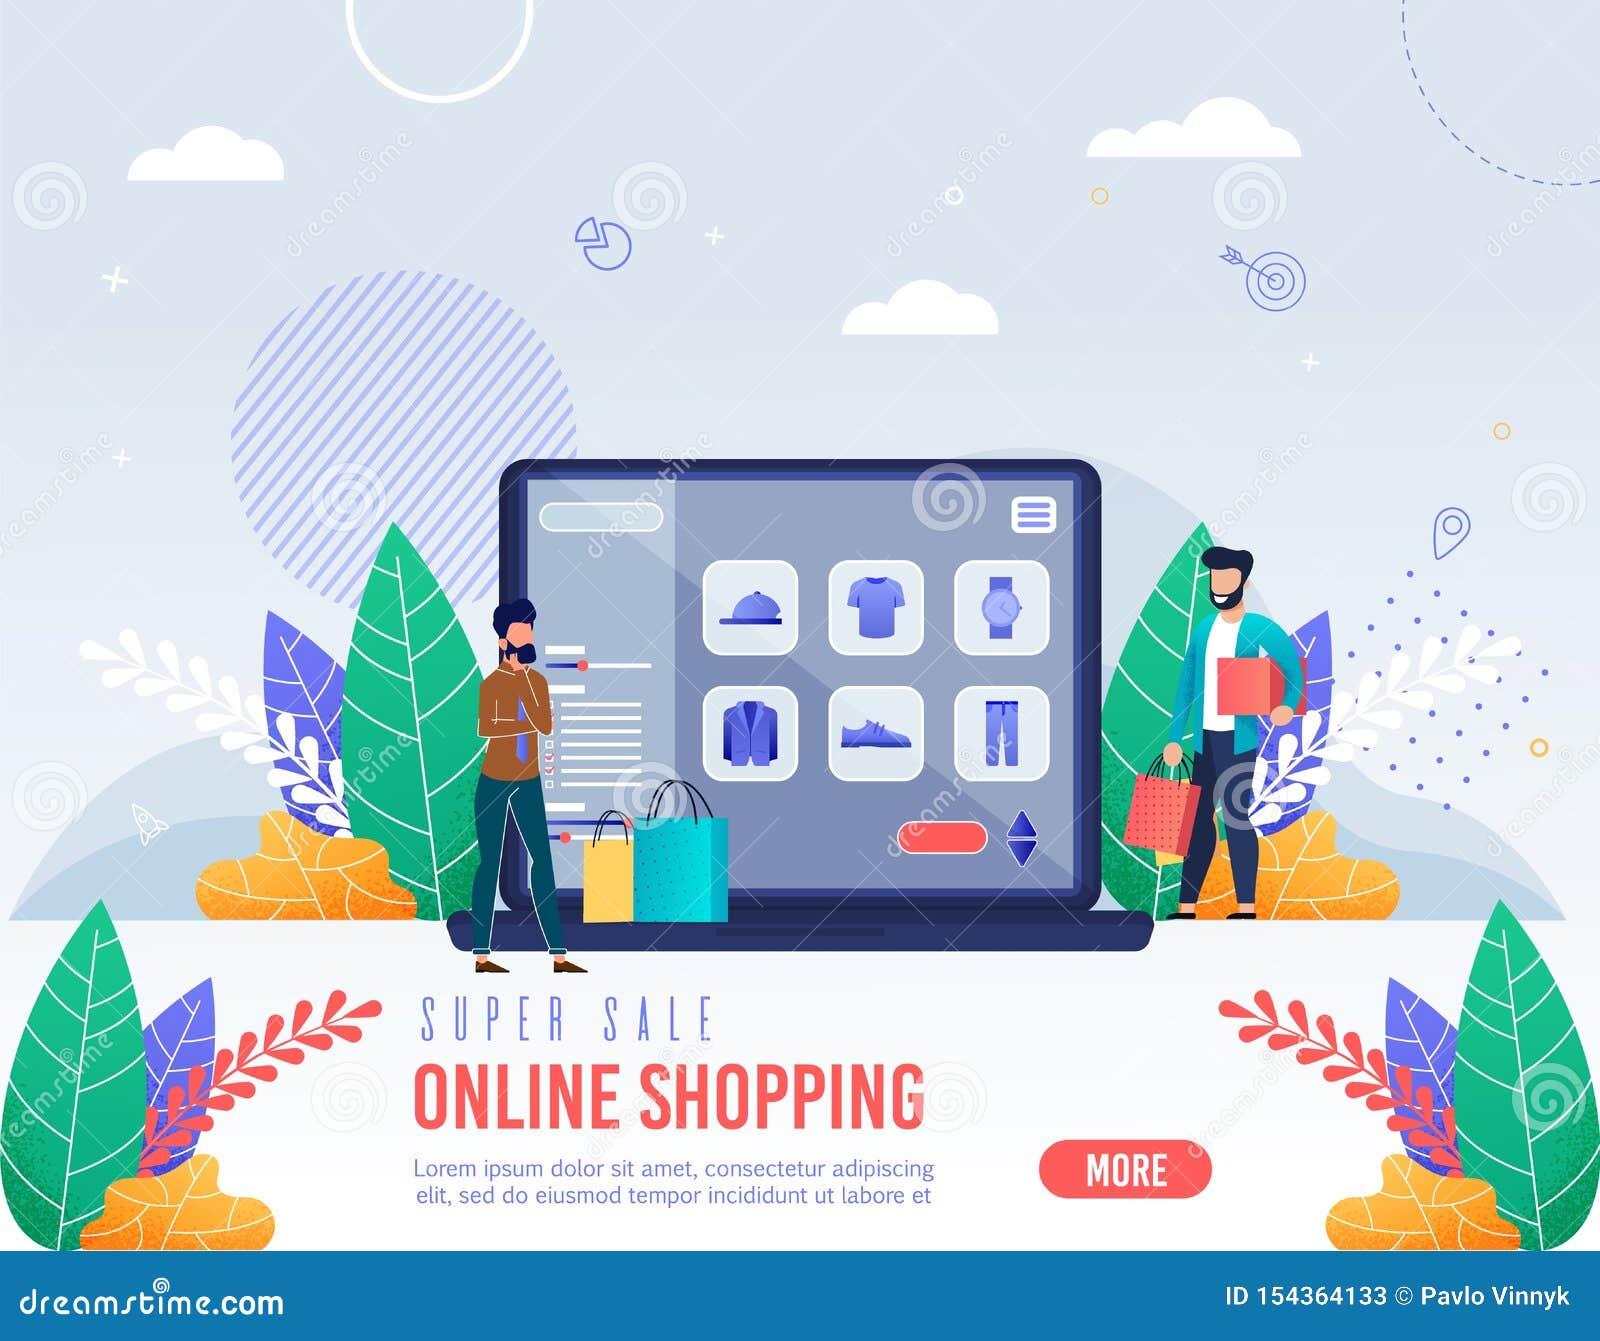 Plakat-Aufschrift-Superverkaufs-on-line-Einkaufen